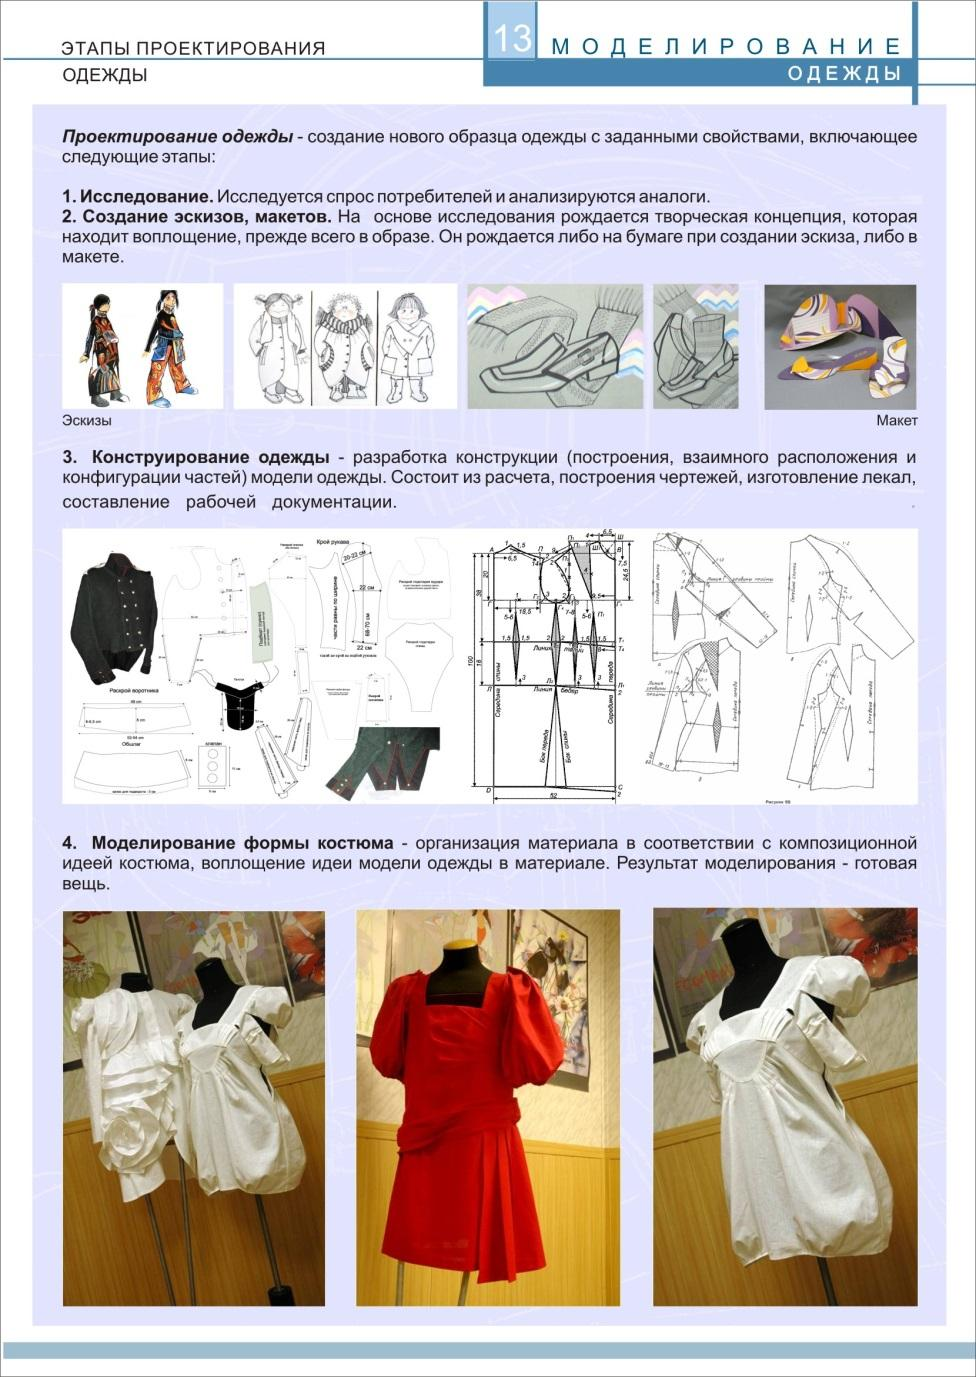 Проектное моделирование одежды